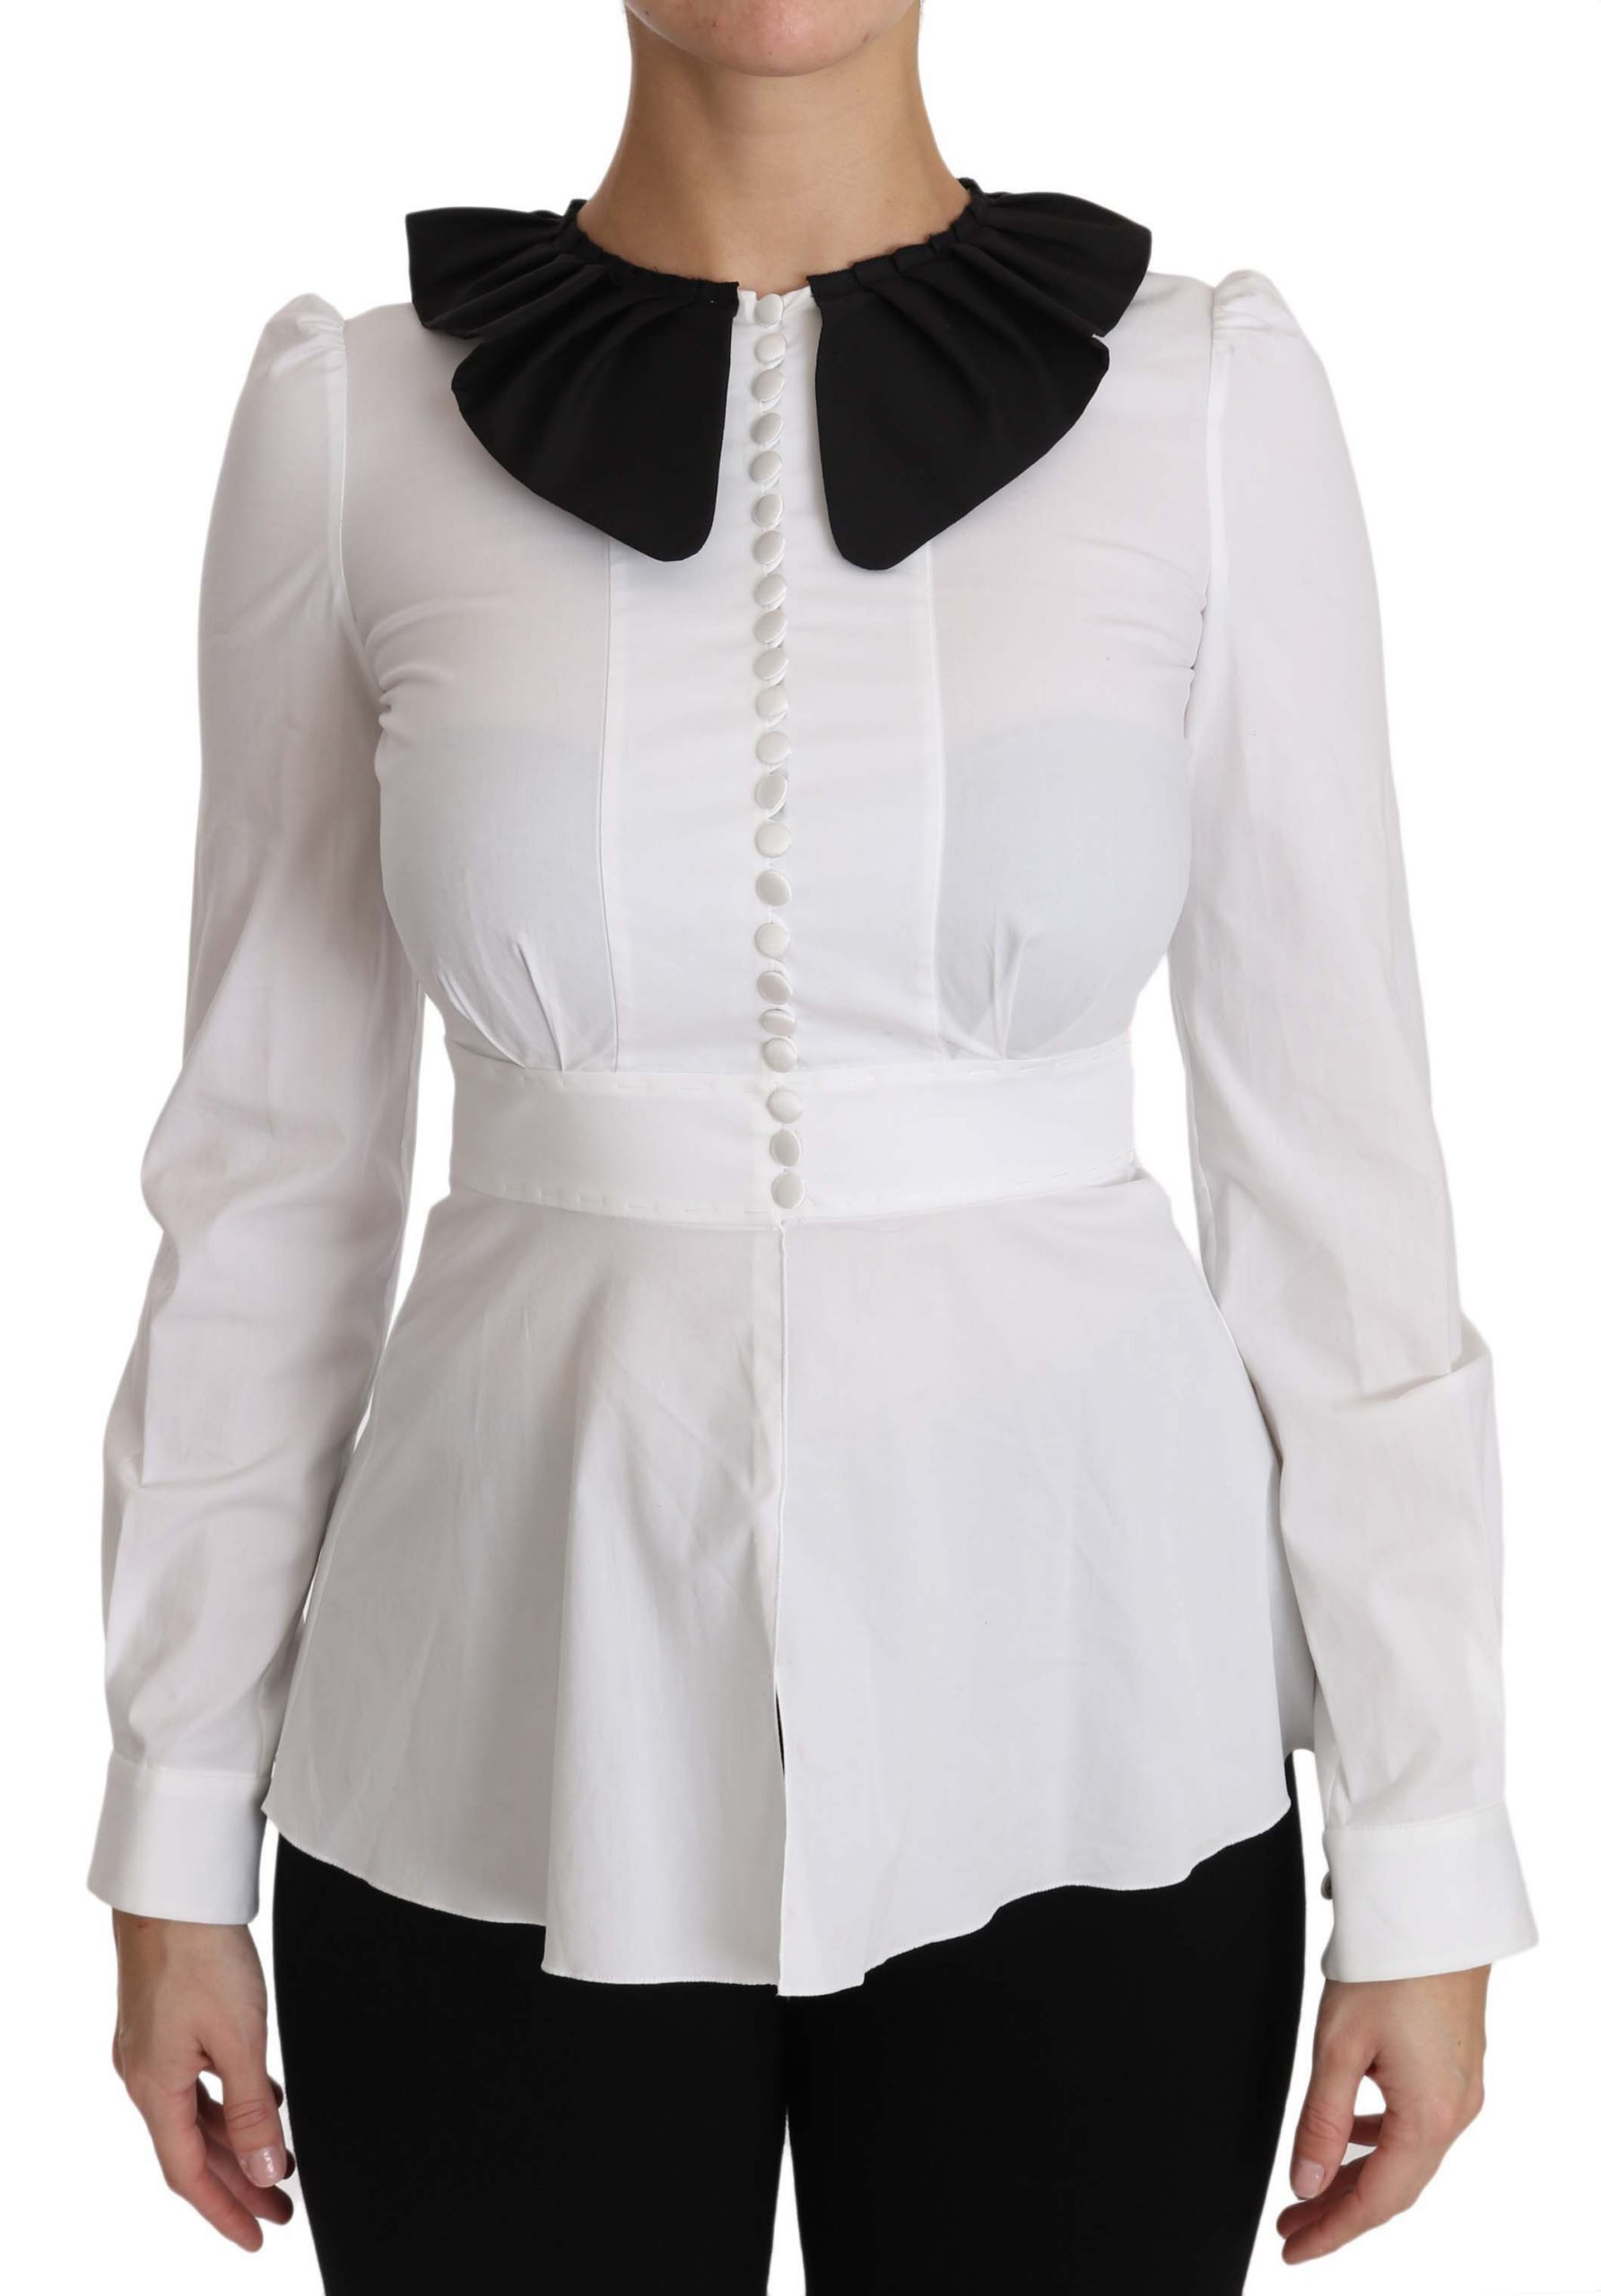 Dolce & Gabbana Women's Collar Longsleeve Tops White TSH2949 - IT36 | XS